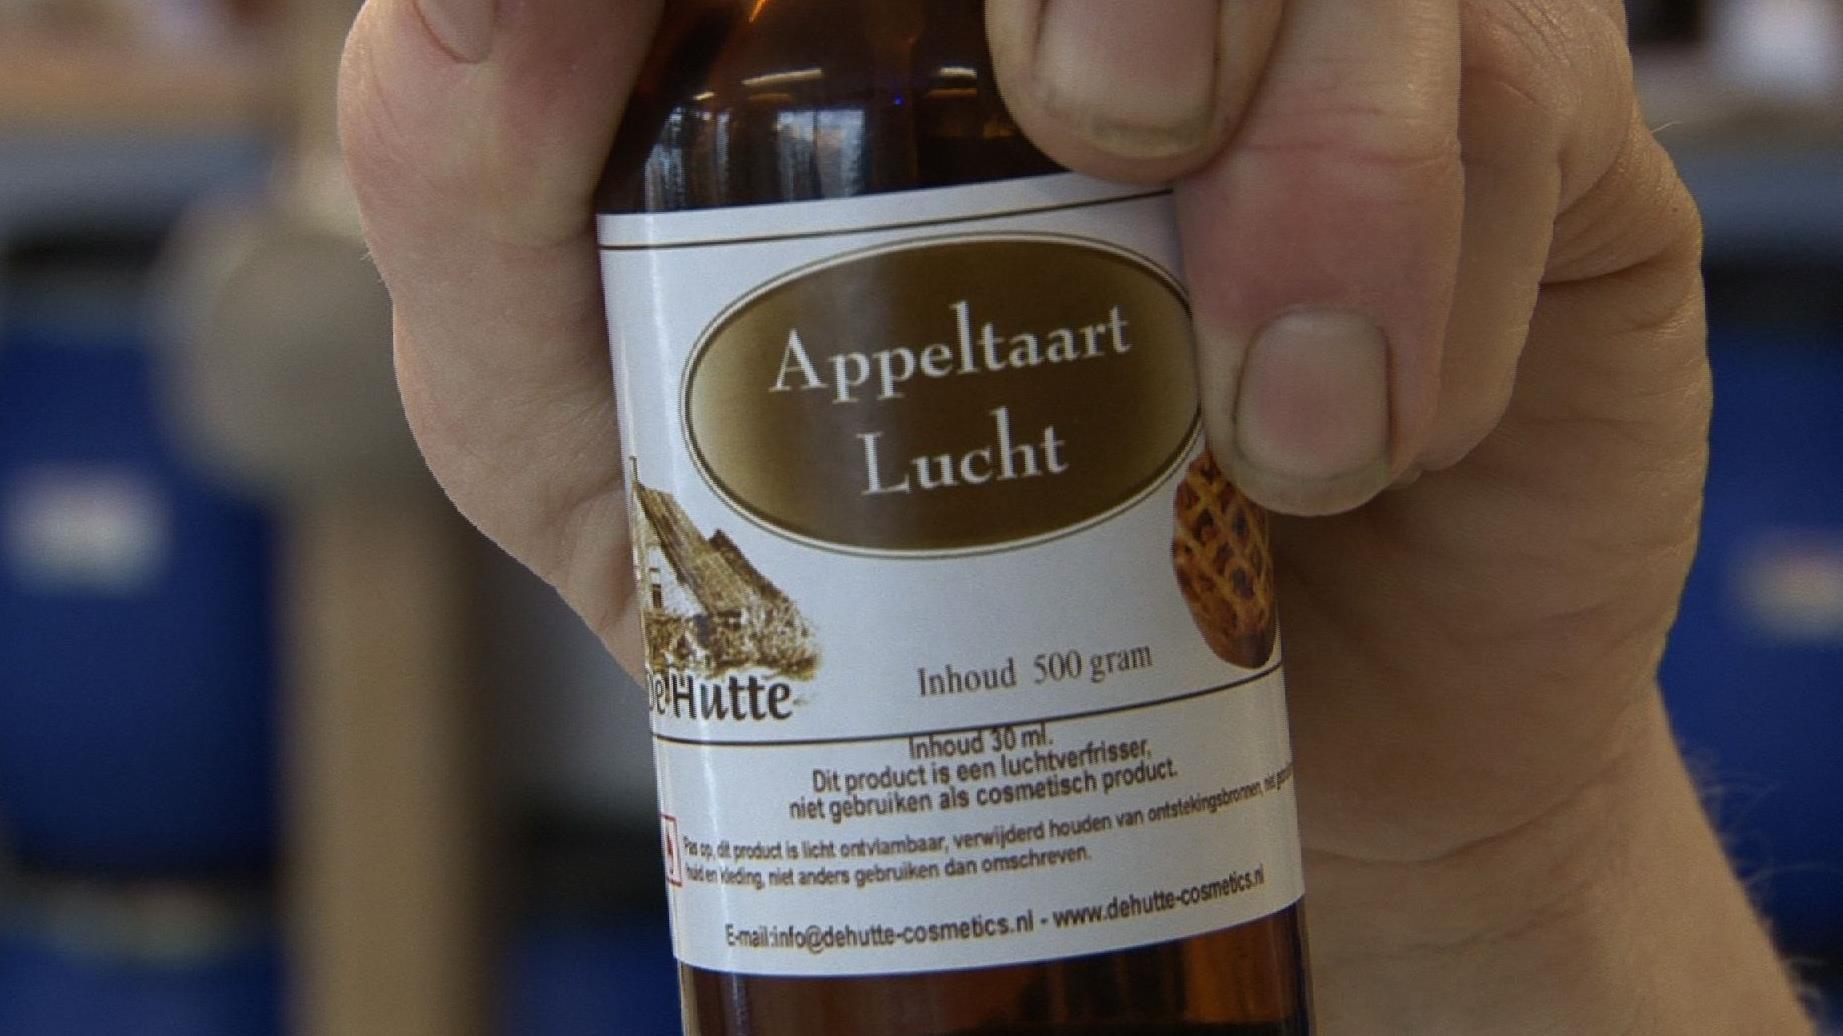 Geur van appeltaart uit een flesje blijkt stimulans voor huizenverkoop